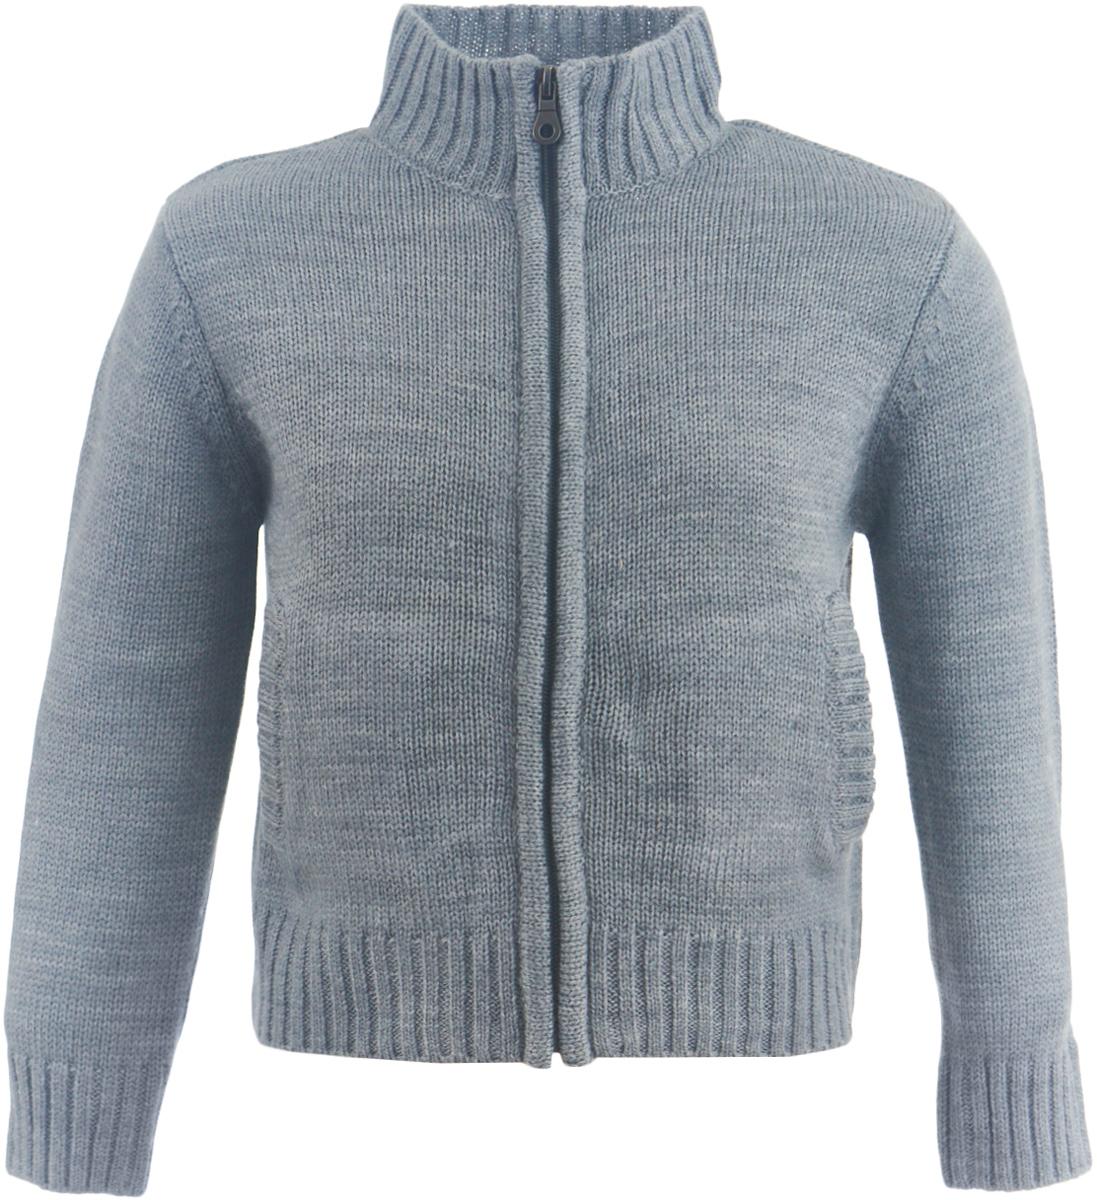 Кофта для девочки Button Blue, цвет: темно-серый. 217BBGC35032300. Размер 116, 6 лет217BBGC35032300Теплая вязаная кофта на молнии - базовая модель в зимнем гардеробе ребенка. Спокойная свободная форма, мягкий силуэт делают эту кофту отличным дополнением к любому комплекту с брюками или юбкой. Ваша желание купить детскую кофту недорого увенчается успехом, если вы обратите внимание на достойную модель от Button Blue. Кофта - отличный вариант для тех, кто ценит тепло, уют и комфорт.